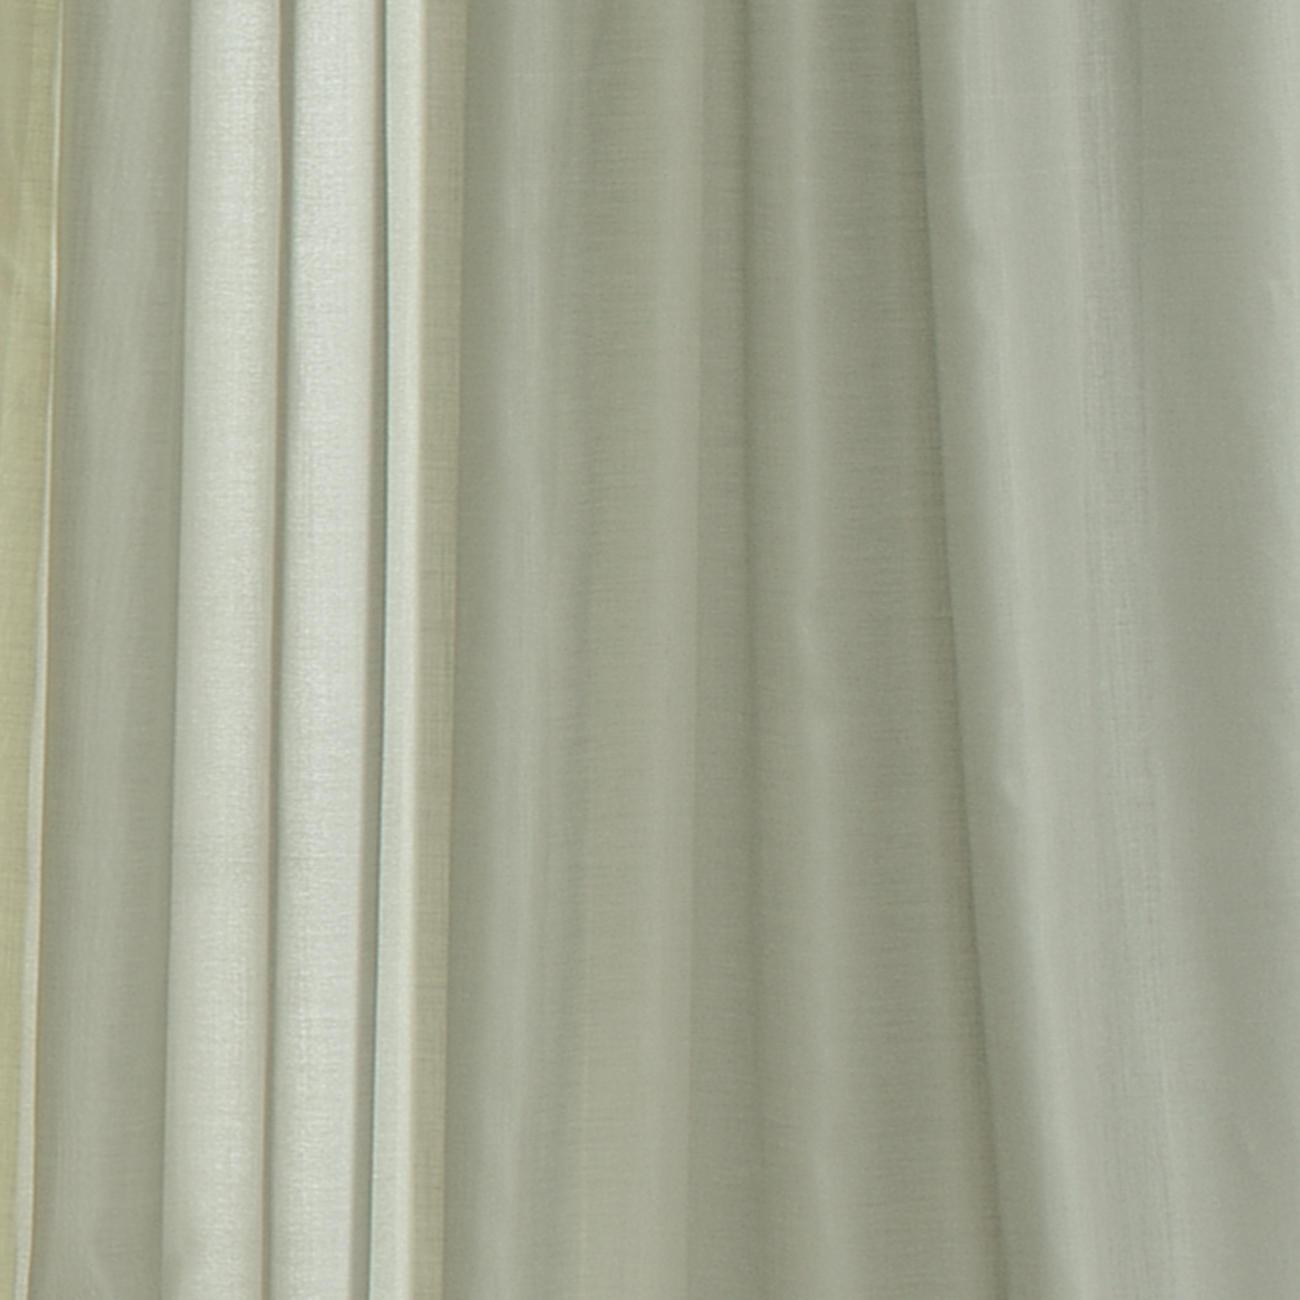 vorhang aufwind 1 vorhang mit 3 jahren garantie. Black Bedroom Furniture Sets. Home Design Ideas